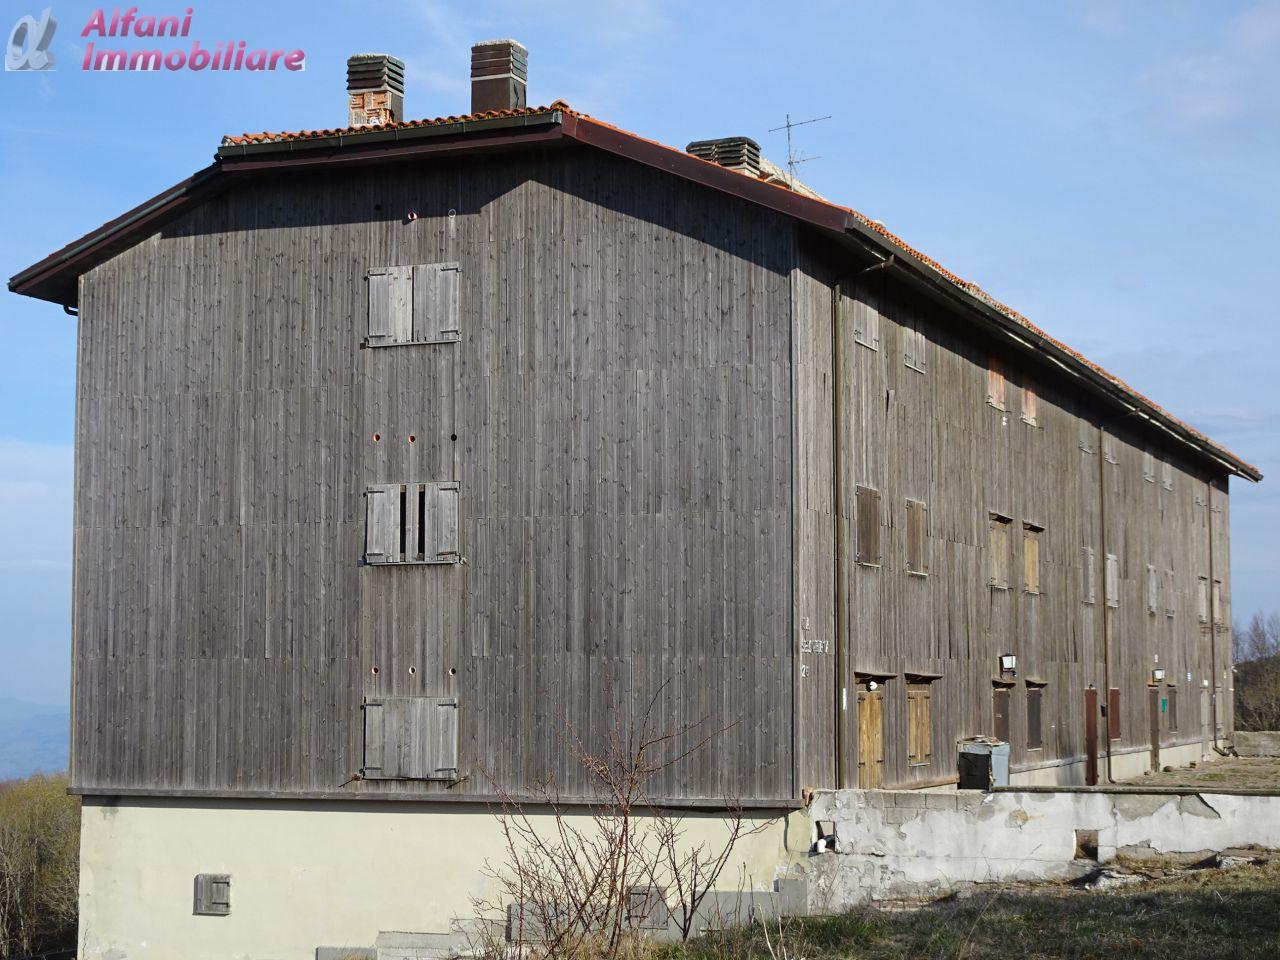 Appartamento in vendita a Montemignaio, 3 locali, prezzo € 40.000   CambioCasa.it